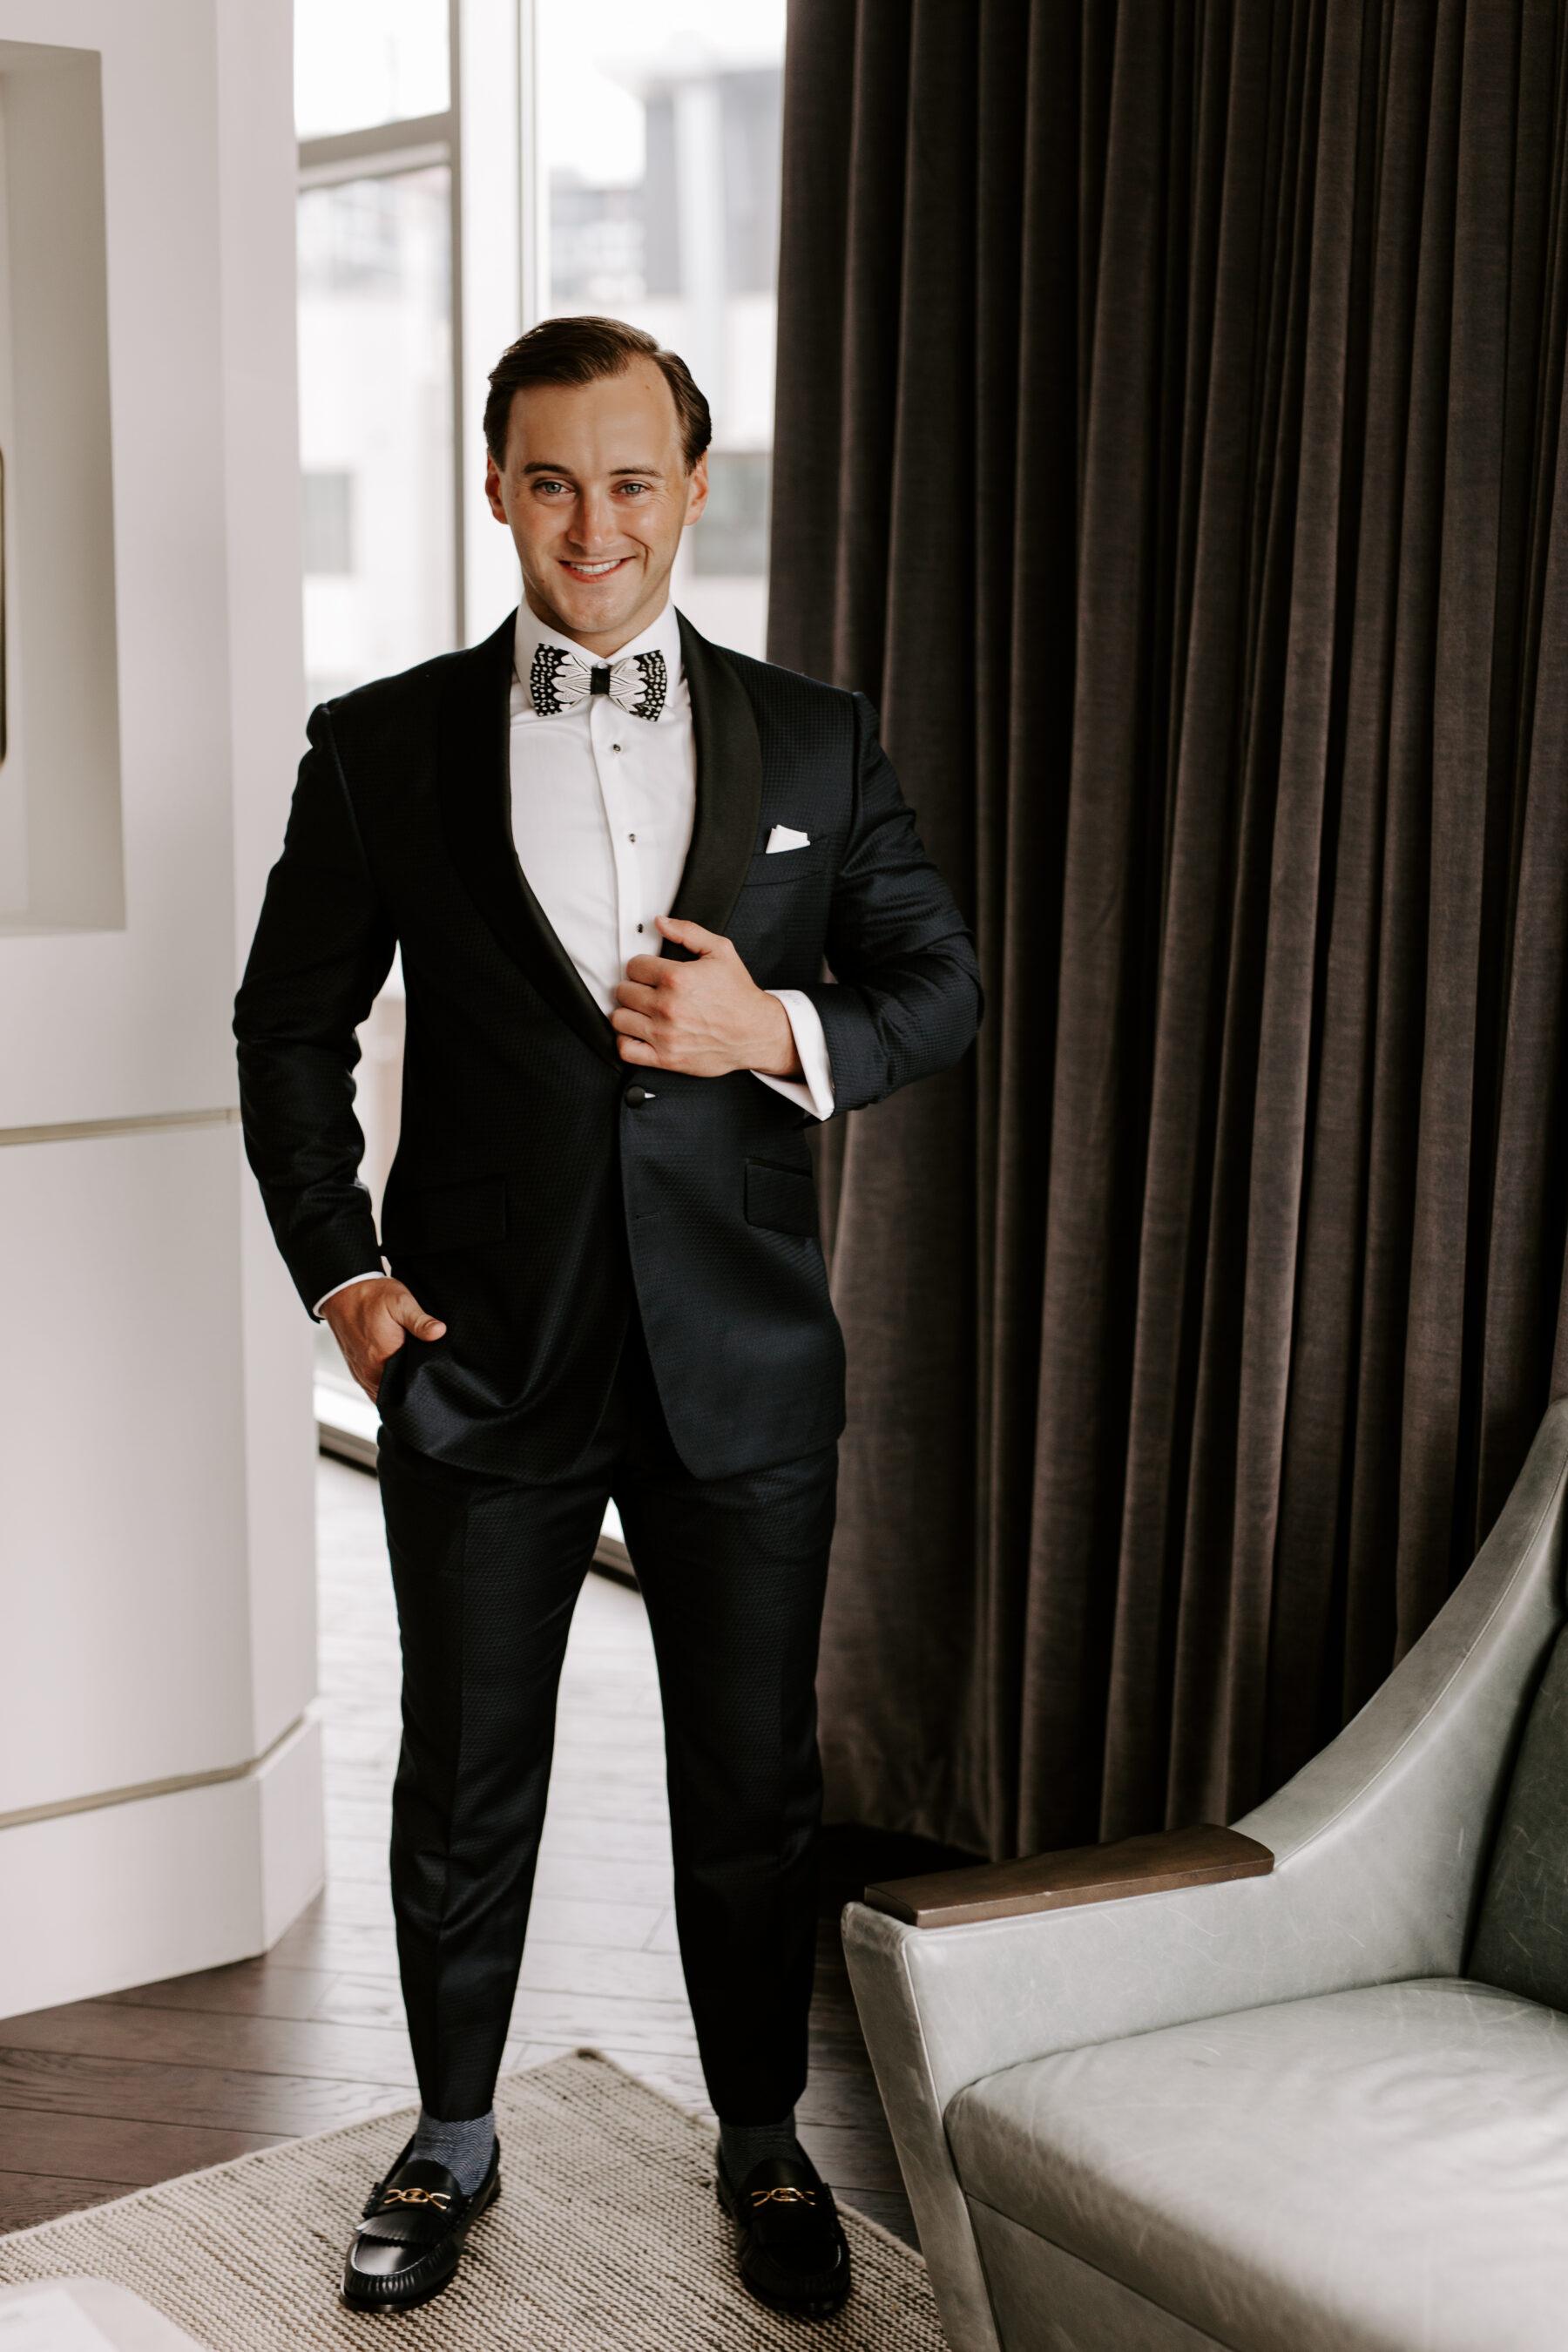 Stylish groom's attire | Nashville Bride Guide